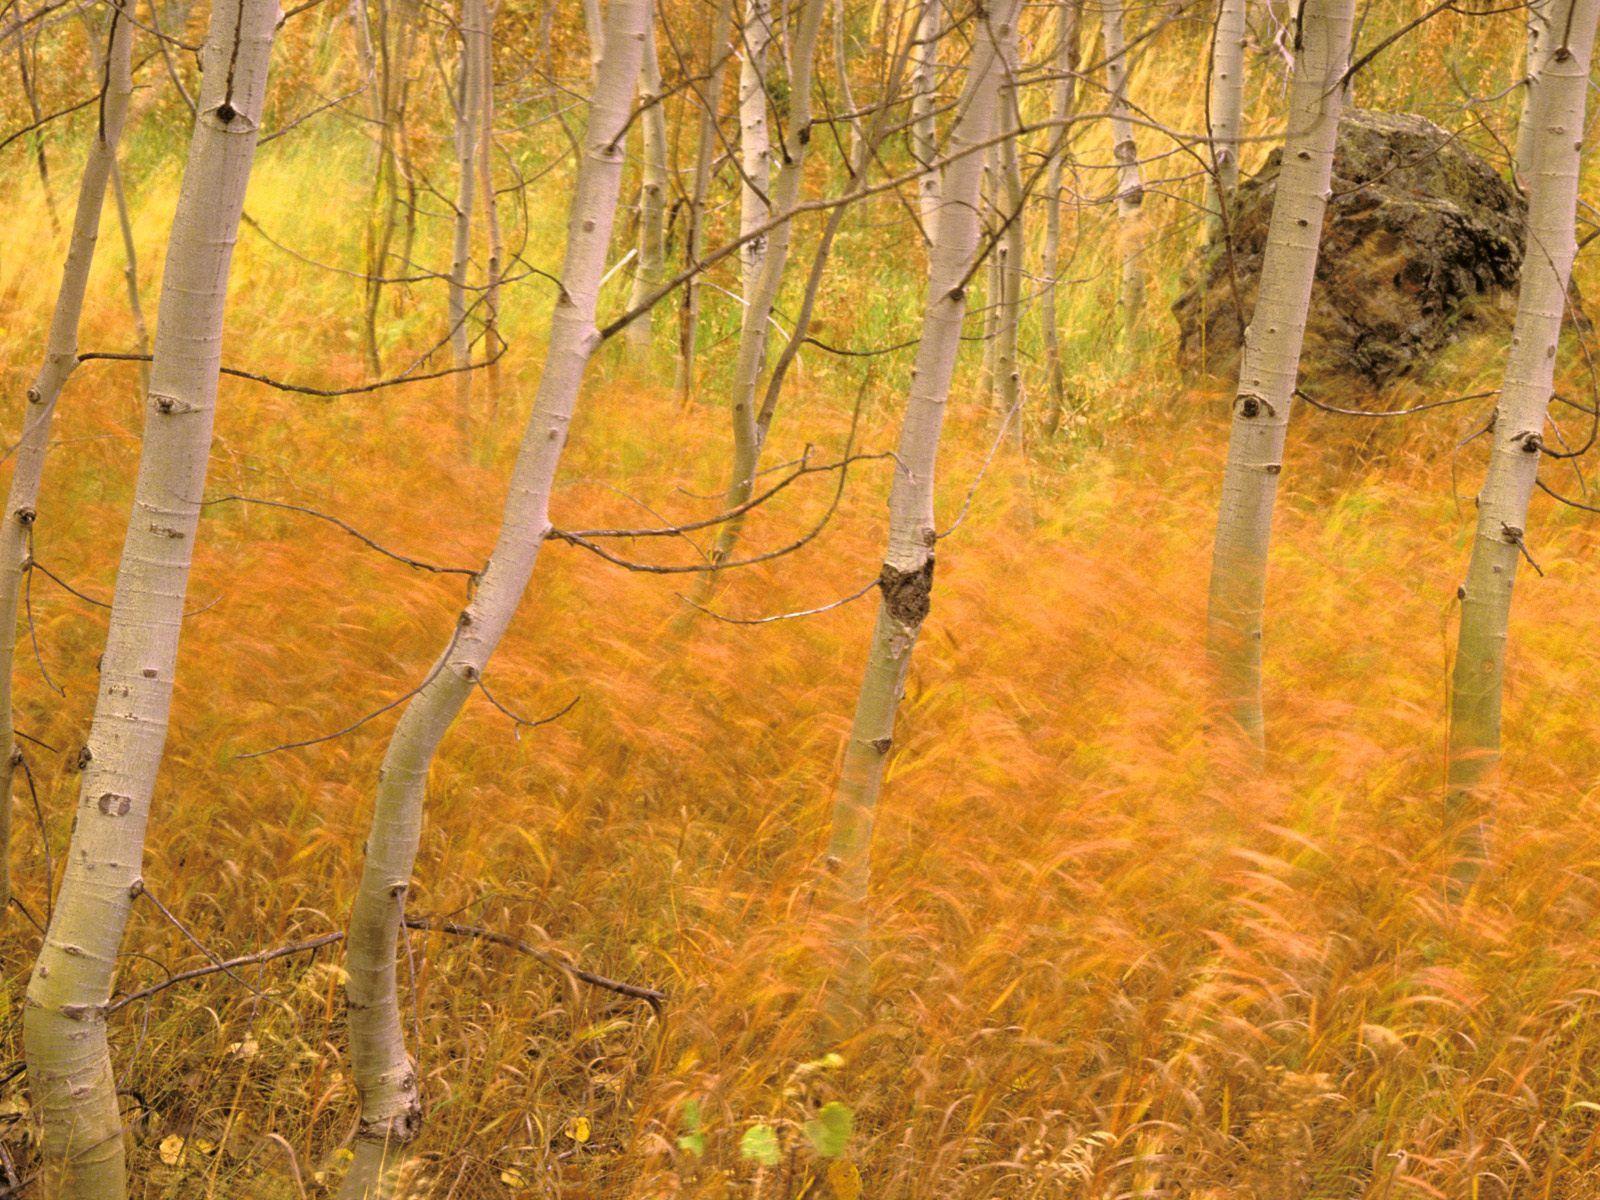 102870 Hintergrundbild 240x400 kostenlos auf deinem Handy, lade Bilder Natur, Bäume, Grass, Herbst, Wald 240x400 auf dein Handy herunter